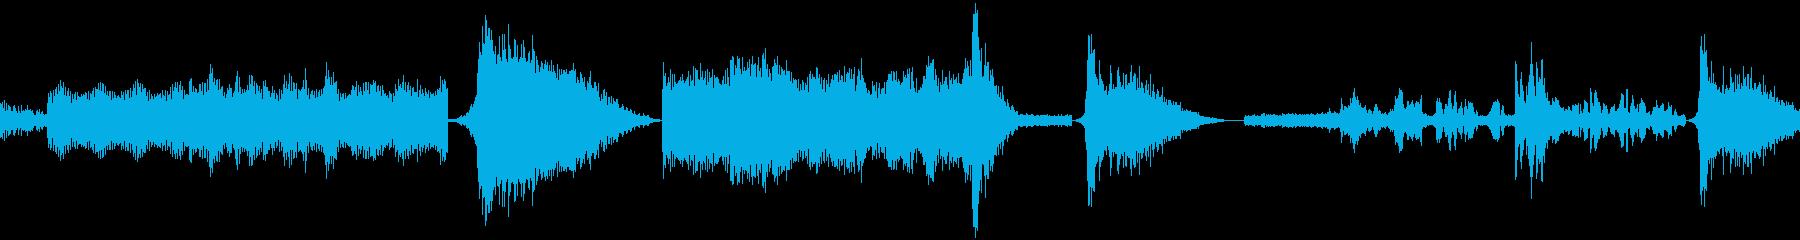 スペースファイターデュエル:ボーカ...の再生済みの波形